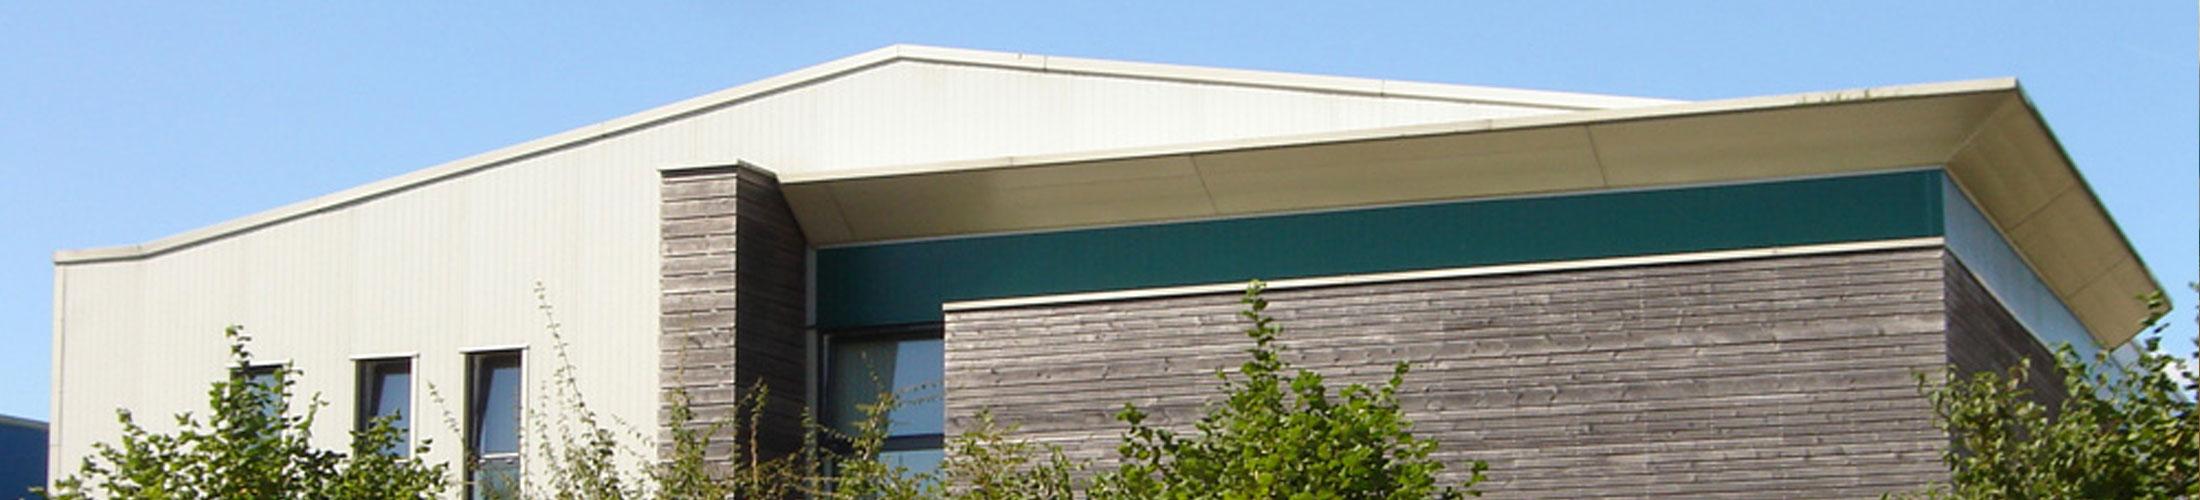 La société basée à Fourmetot a fait confiance à l'agence Krea3 basée à Pont-Audemer (27), à quelques minutes de leurs bureaux. La proximité avec 1